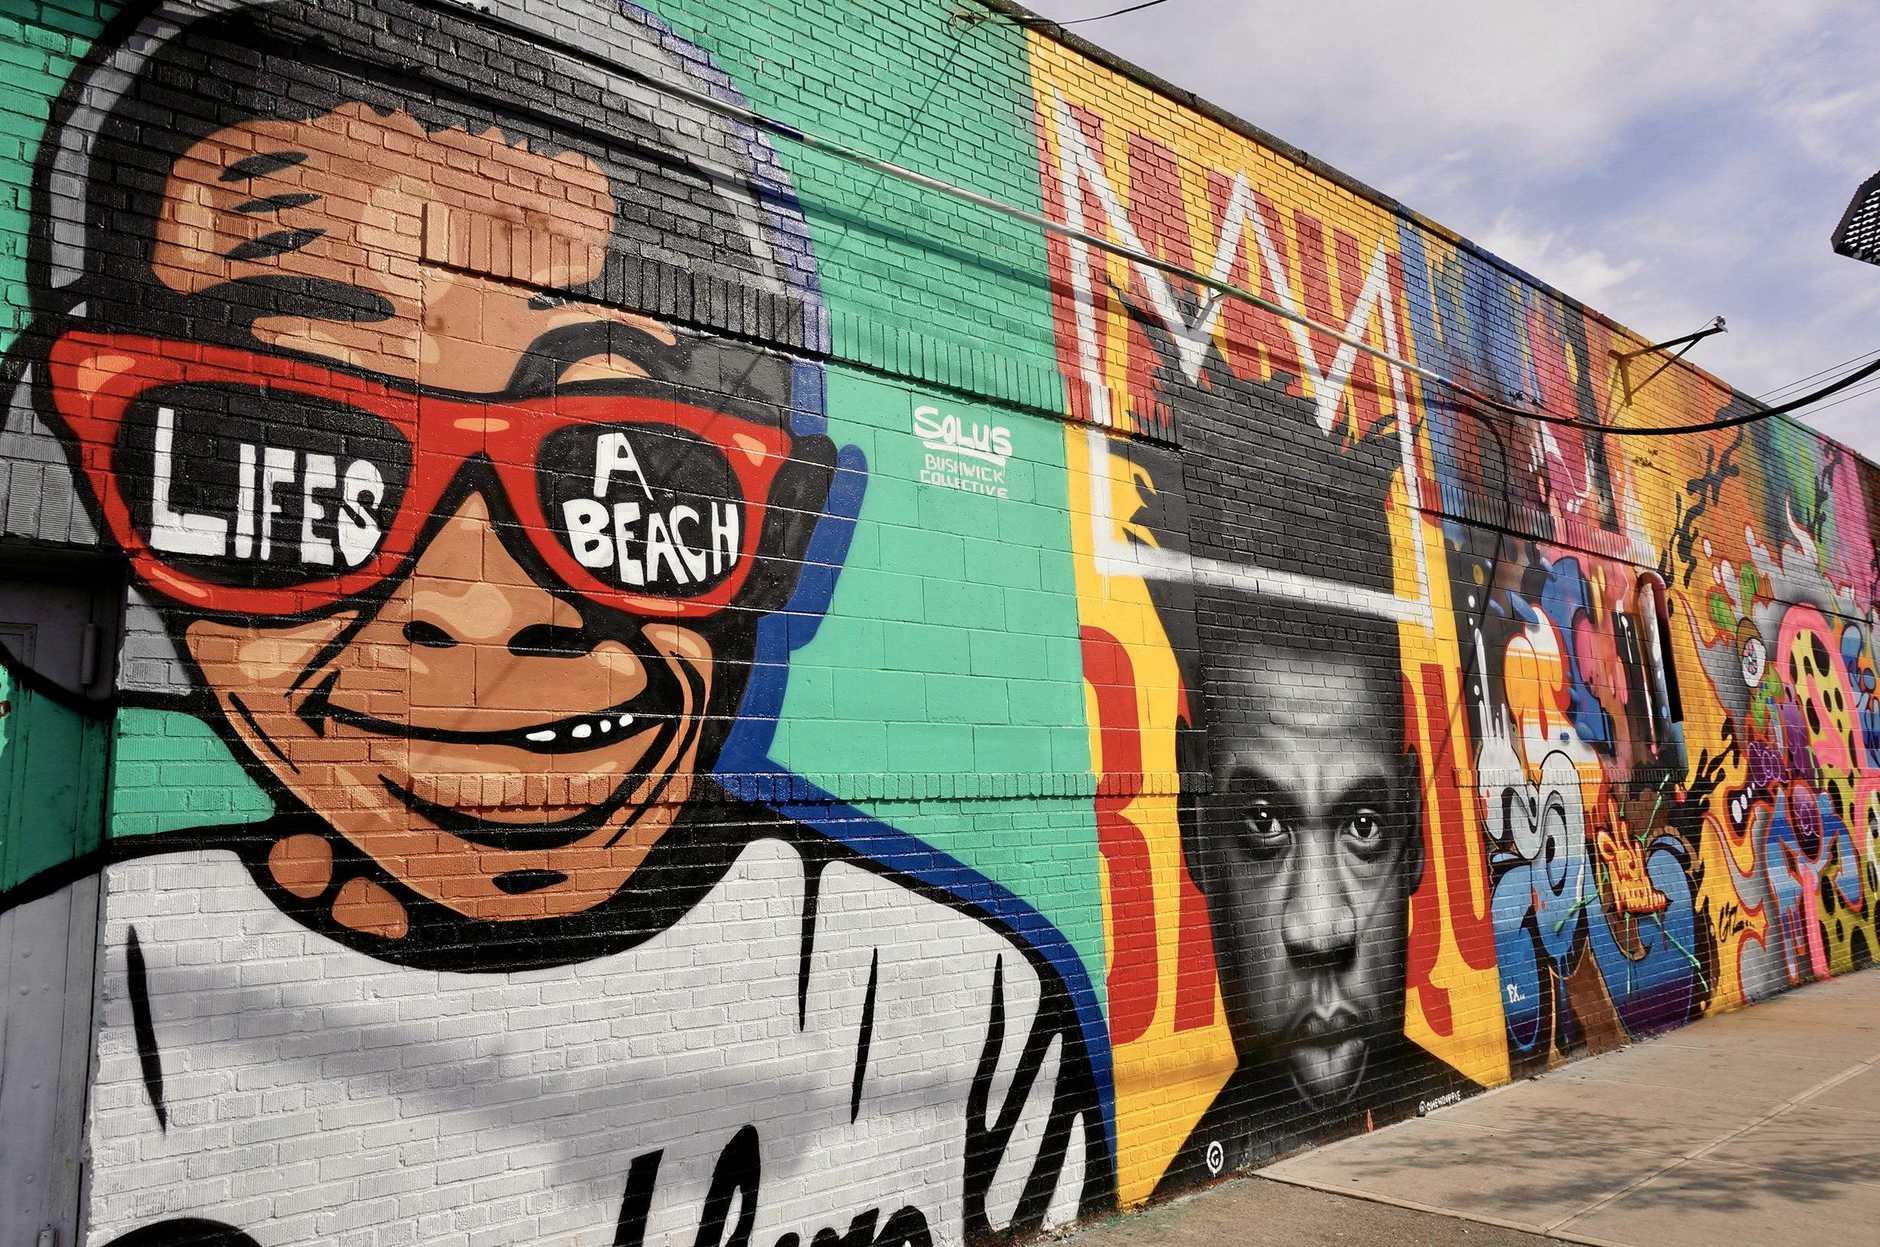 Street art in Bushwick, New York.